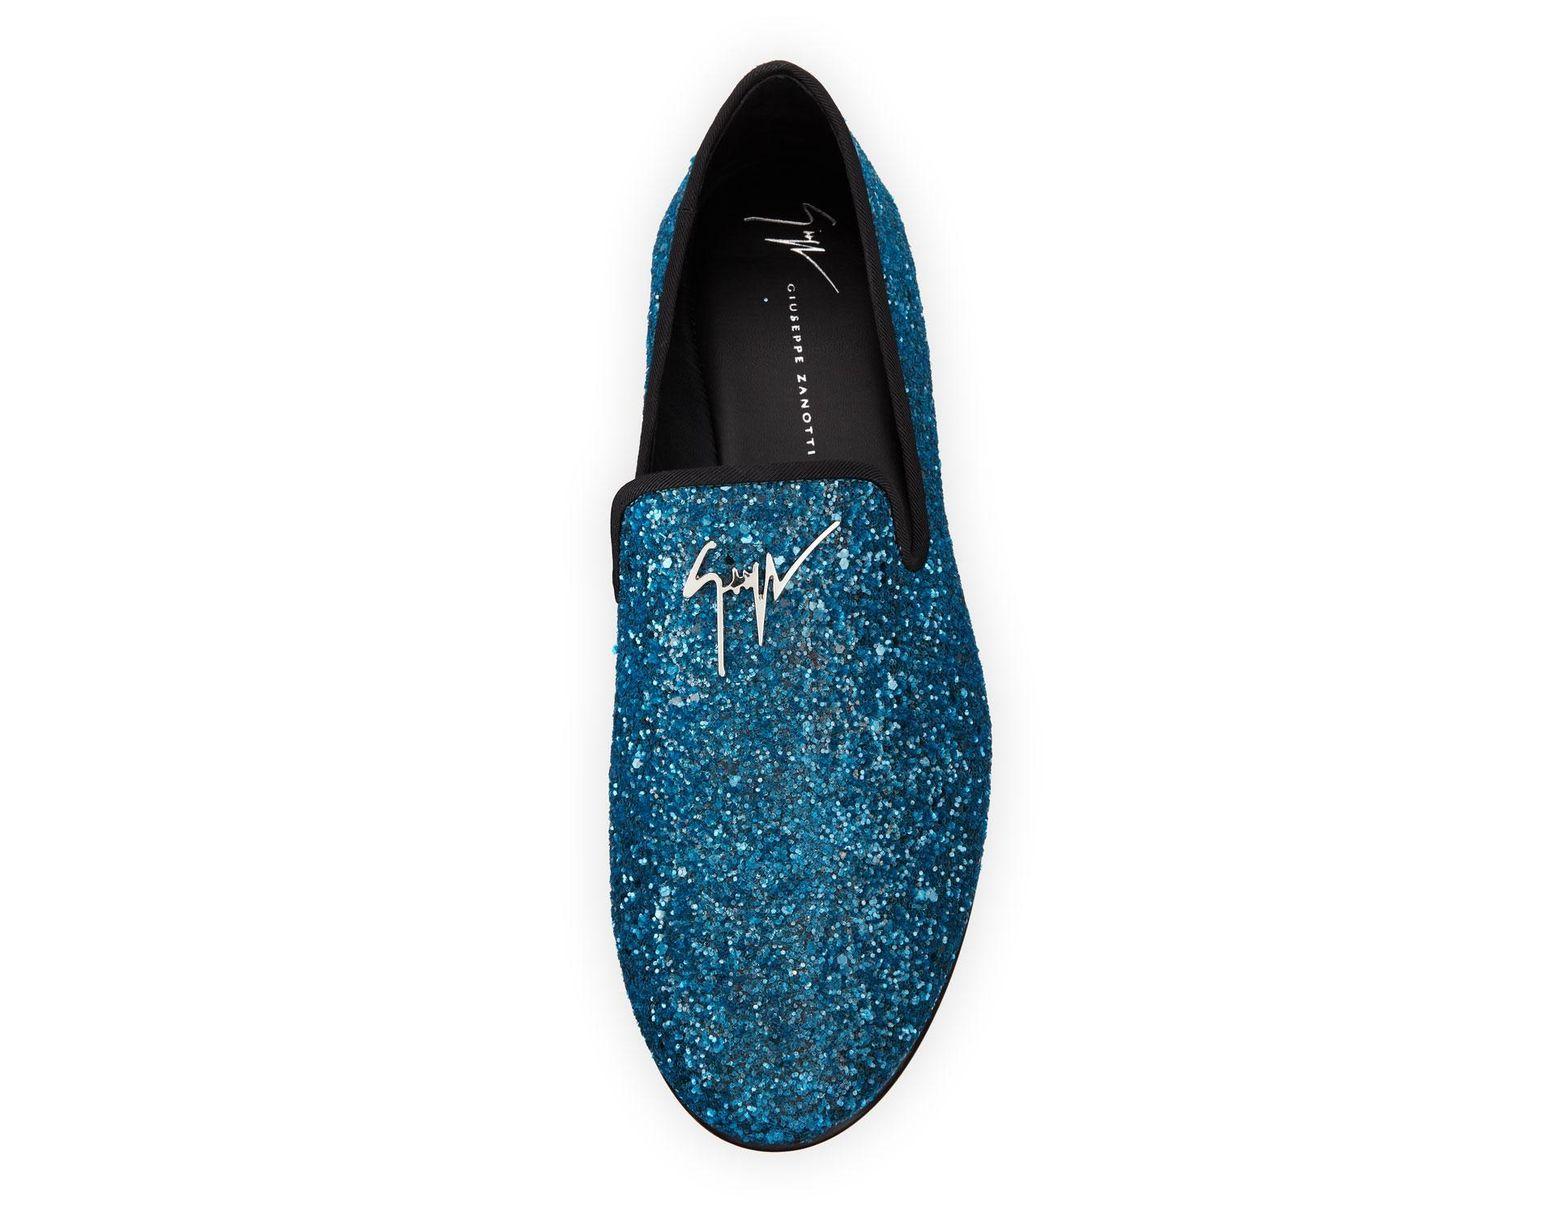 f4b5e27f4 Giuseppe Zanotti Men's Kevin Glitter Formal Slippers in Blue for Men - Save  18% - Lyst